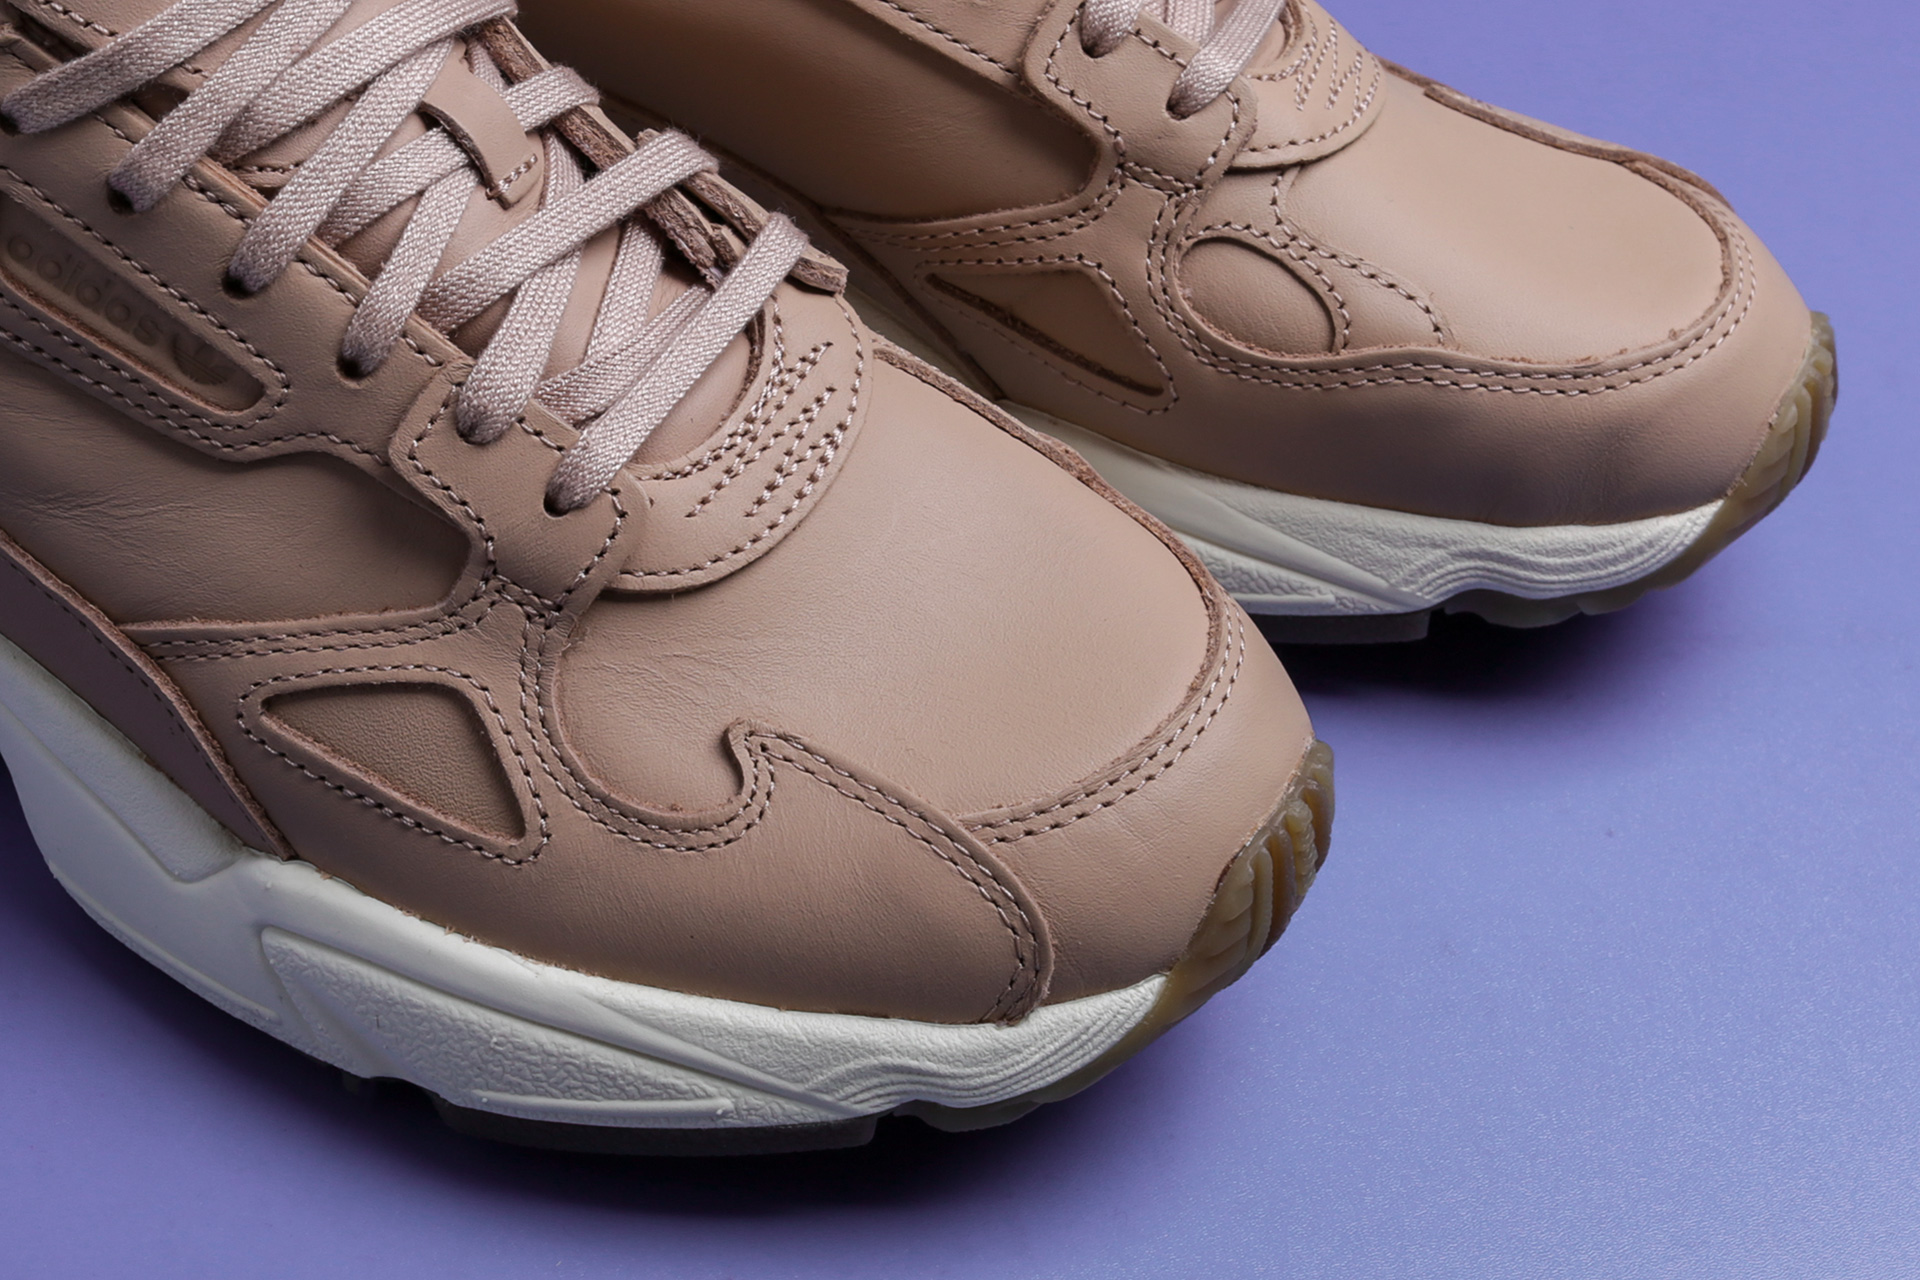 online store a1a90 0092c ... Купить женские бежевые кроссовки adidas Originals Falcon W - фото 3  картинки ...